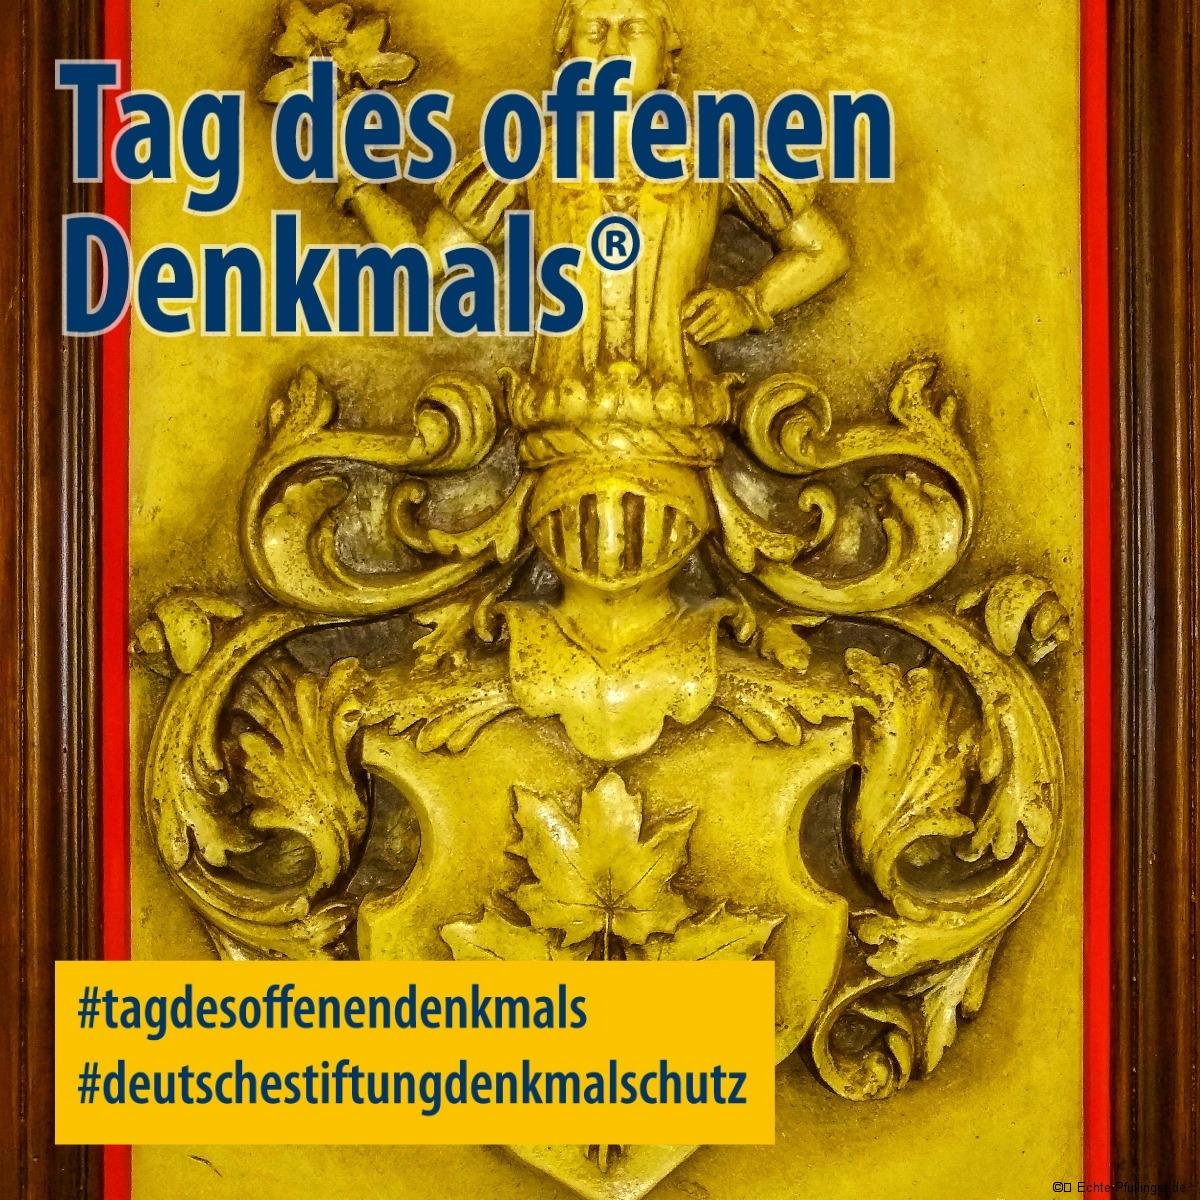 IMG_20180902_1611208612-01-tag_des_offenen_denkmals-facebook